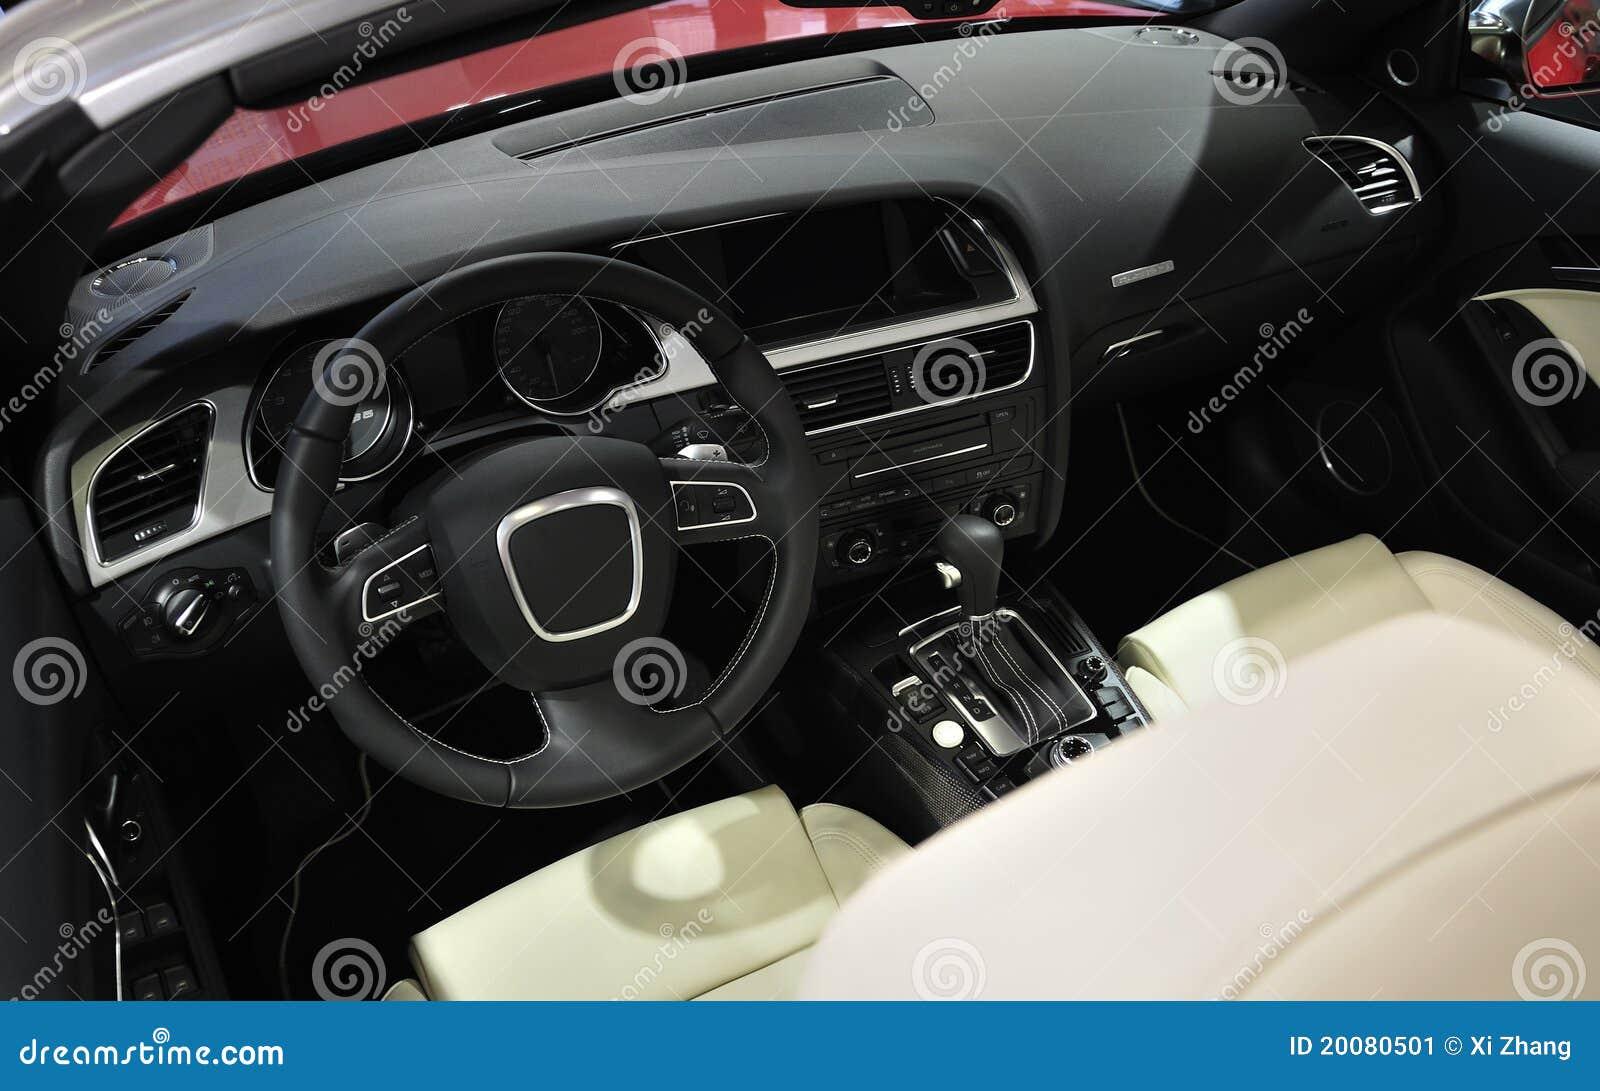 super sport car interior royalty free stock image 21127192. Black Bedroom Furniture Sets. Home Design Ideas